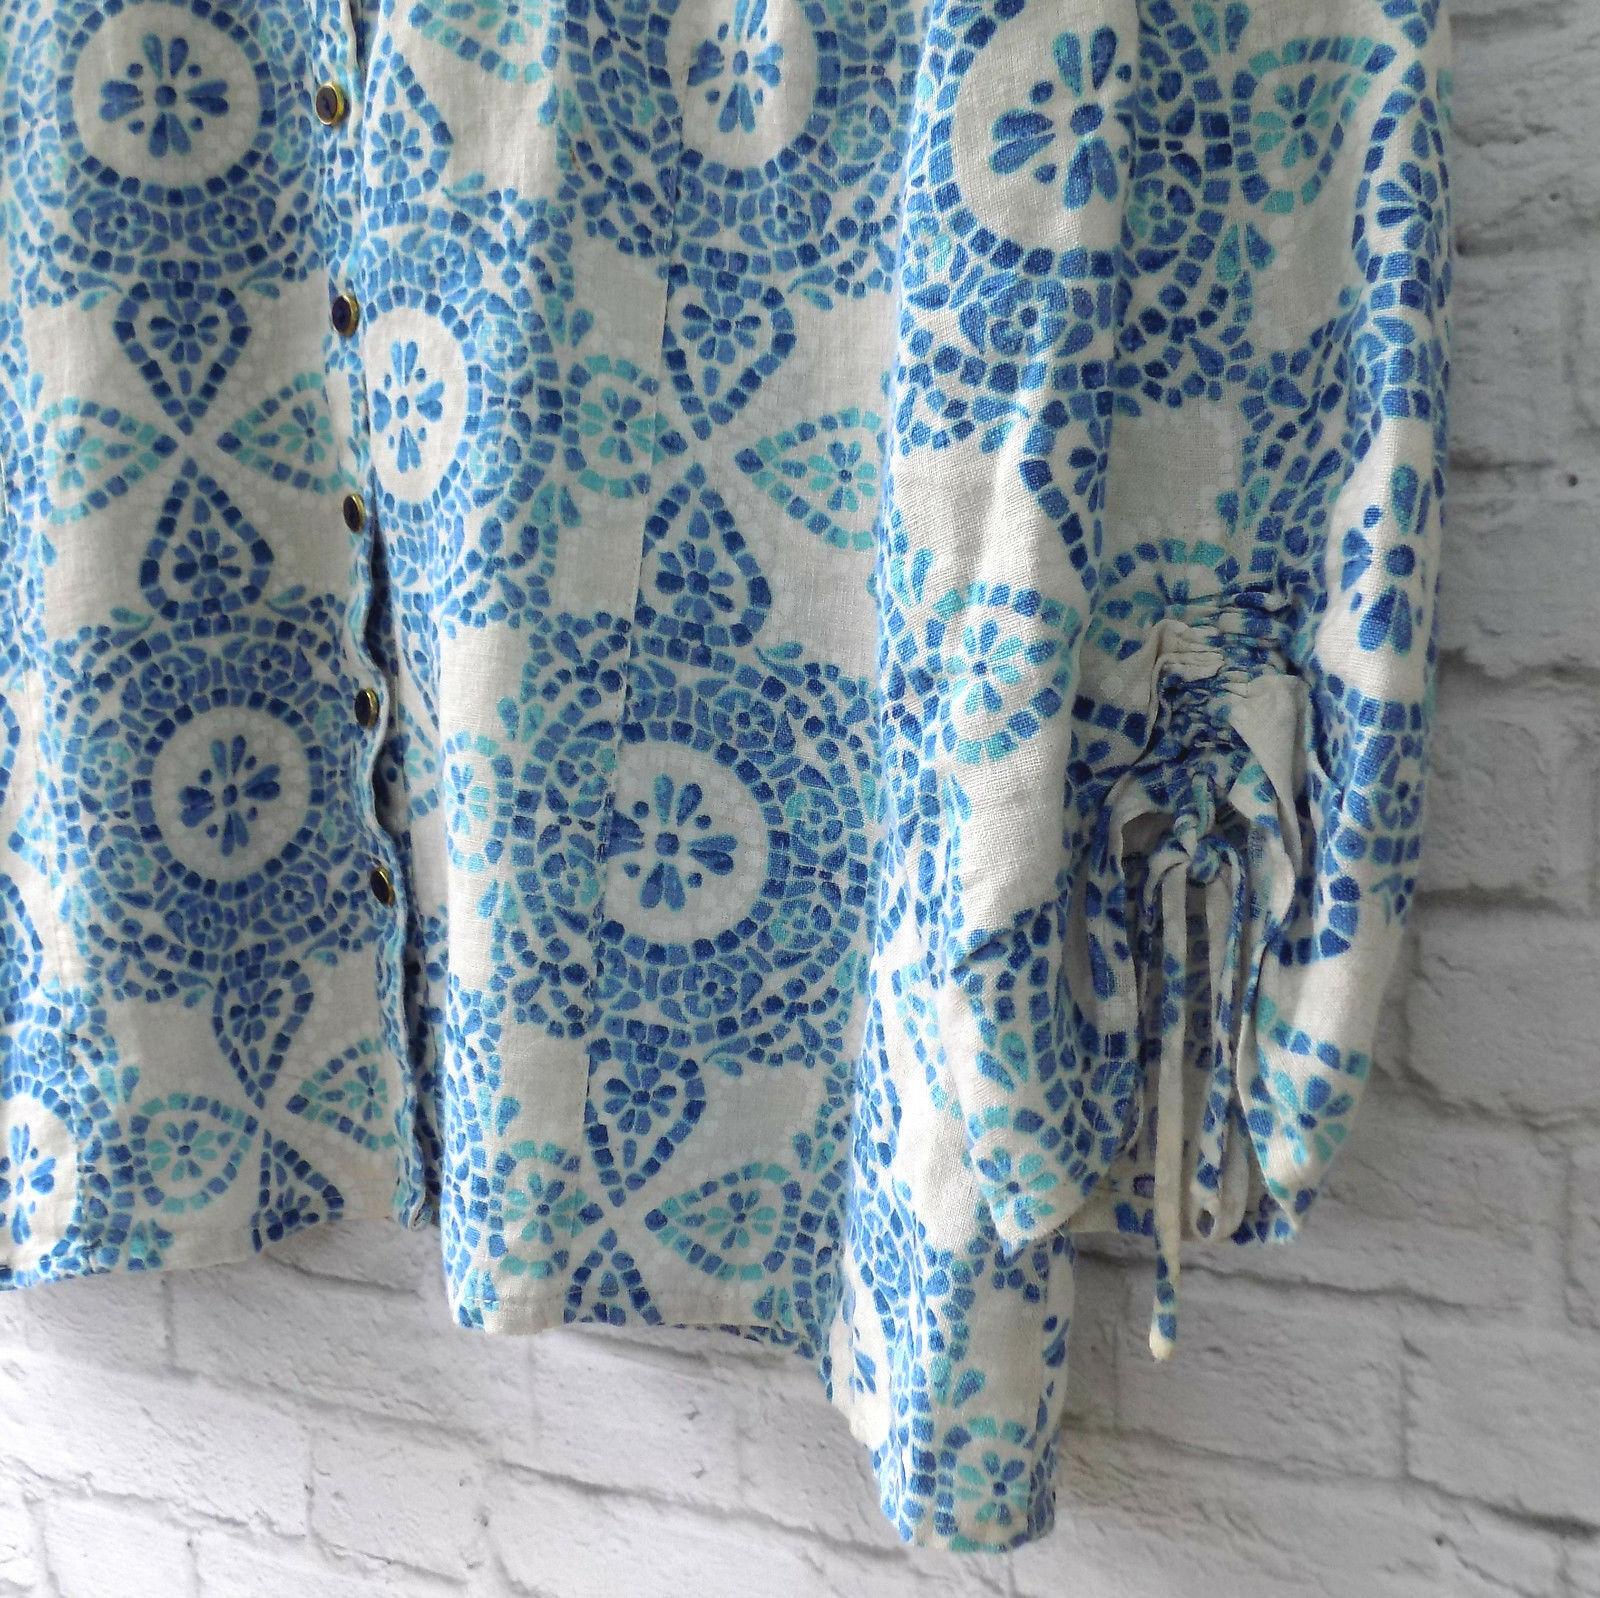 Linen Blouse 18W Turquoise Cobalt Blue JM Collection Medallion Boho Casual